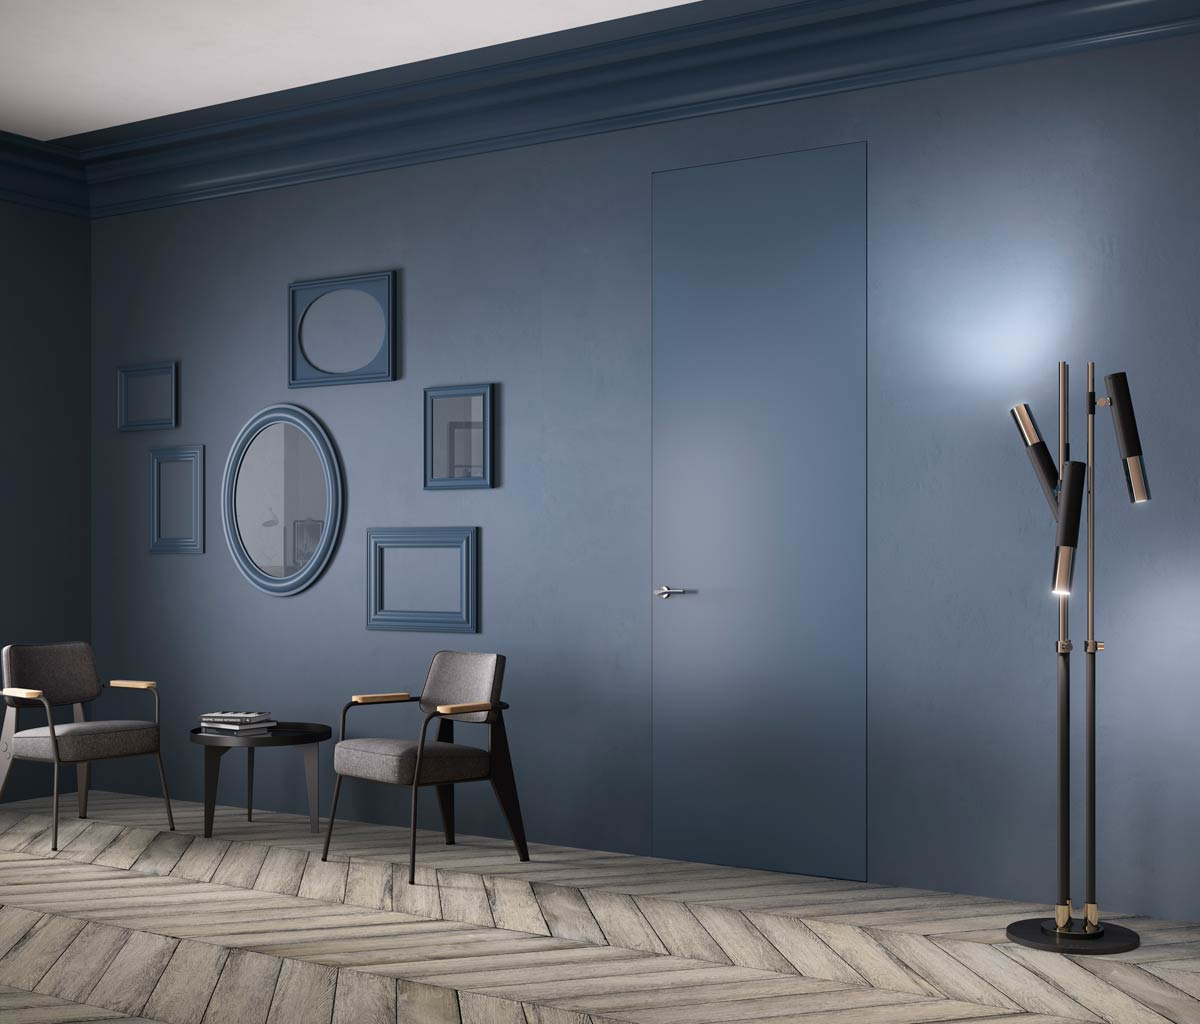 La porta filo muro minimale ed elegante - Porta a filo muro prezzi ...